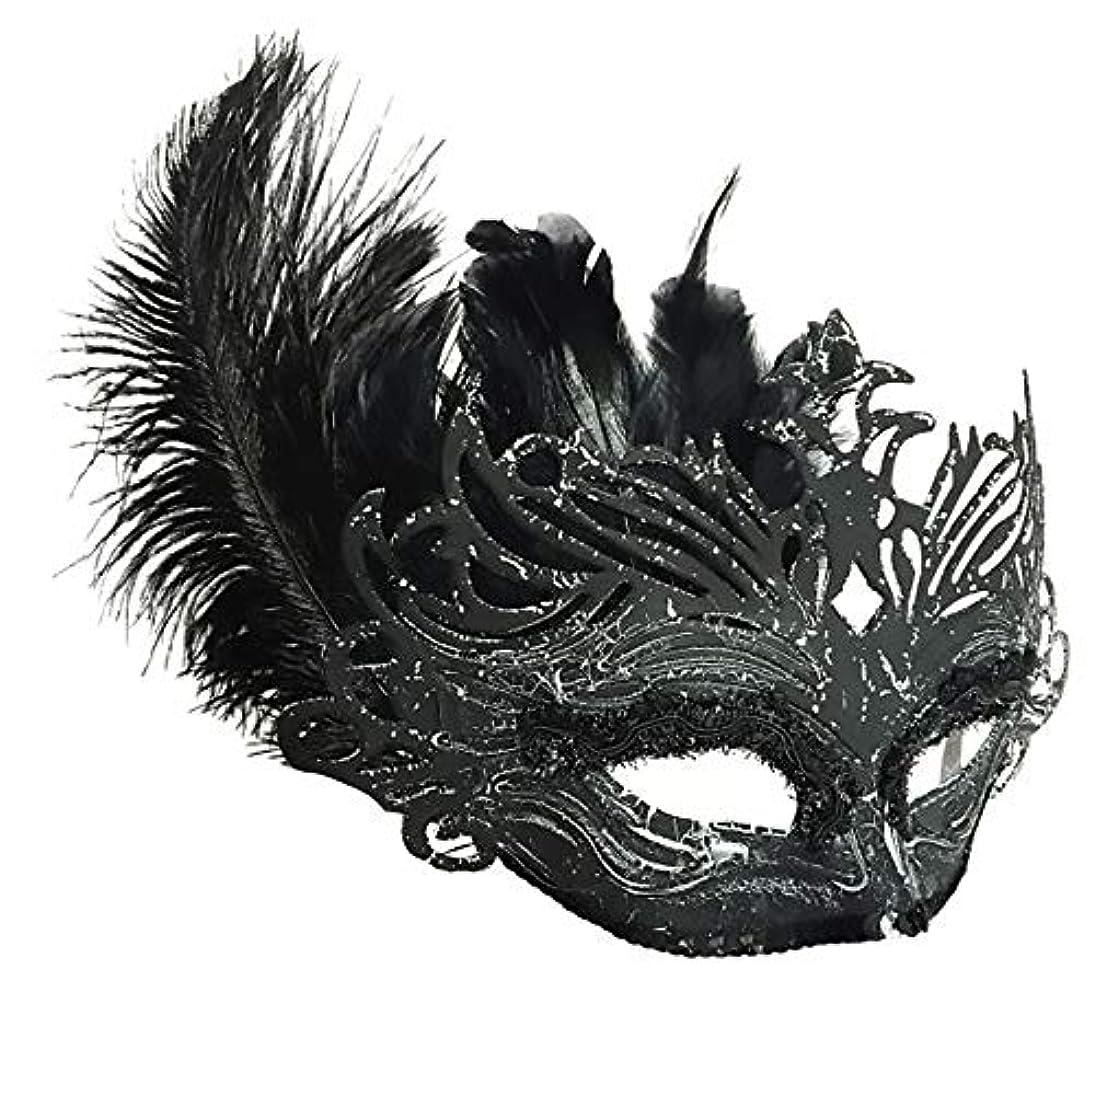 コイル雨の原稿Nanle Halloween Ornate Blackコロンビーナフェザーマスク (色 : 黒)